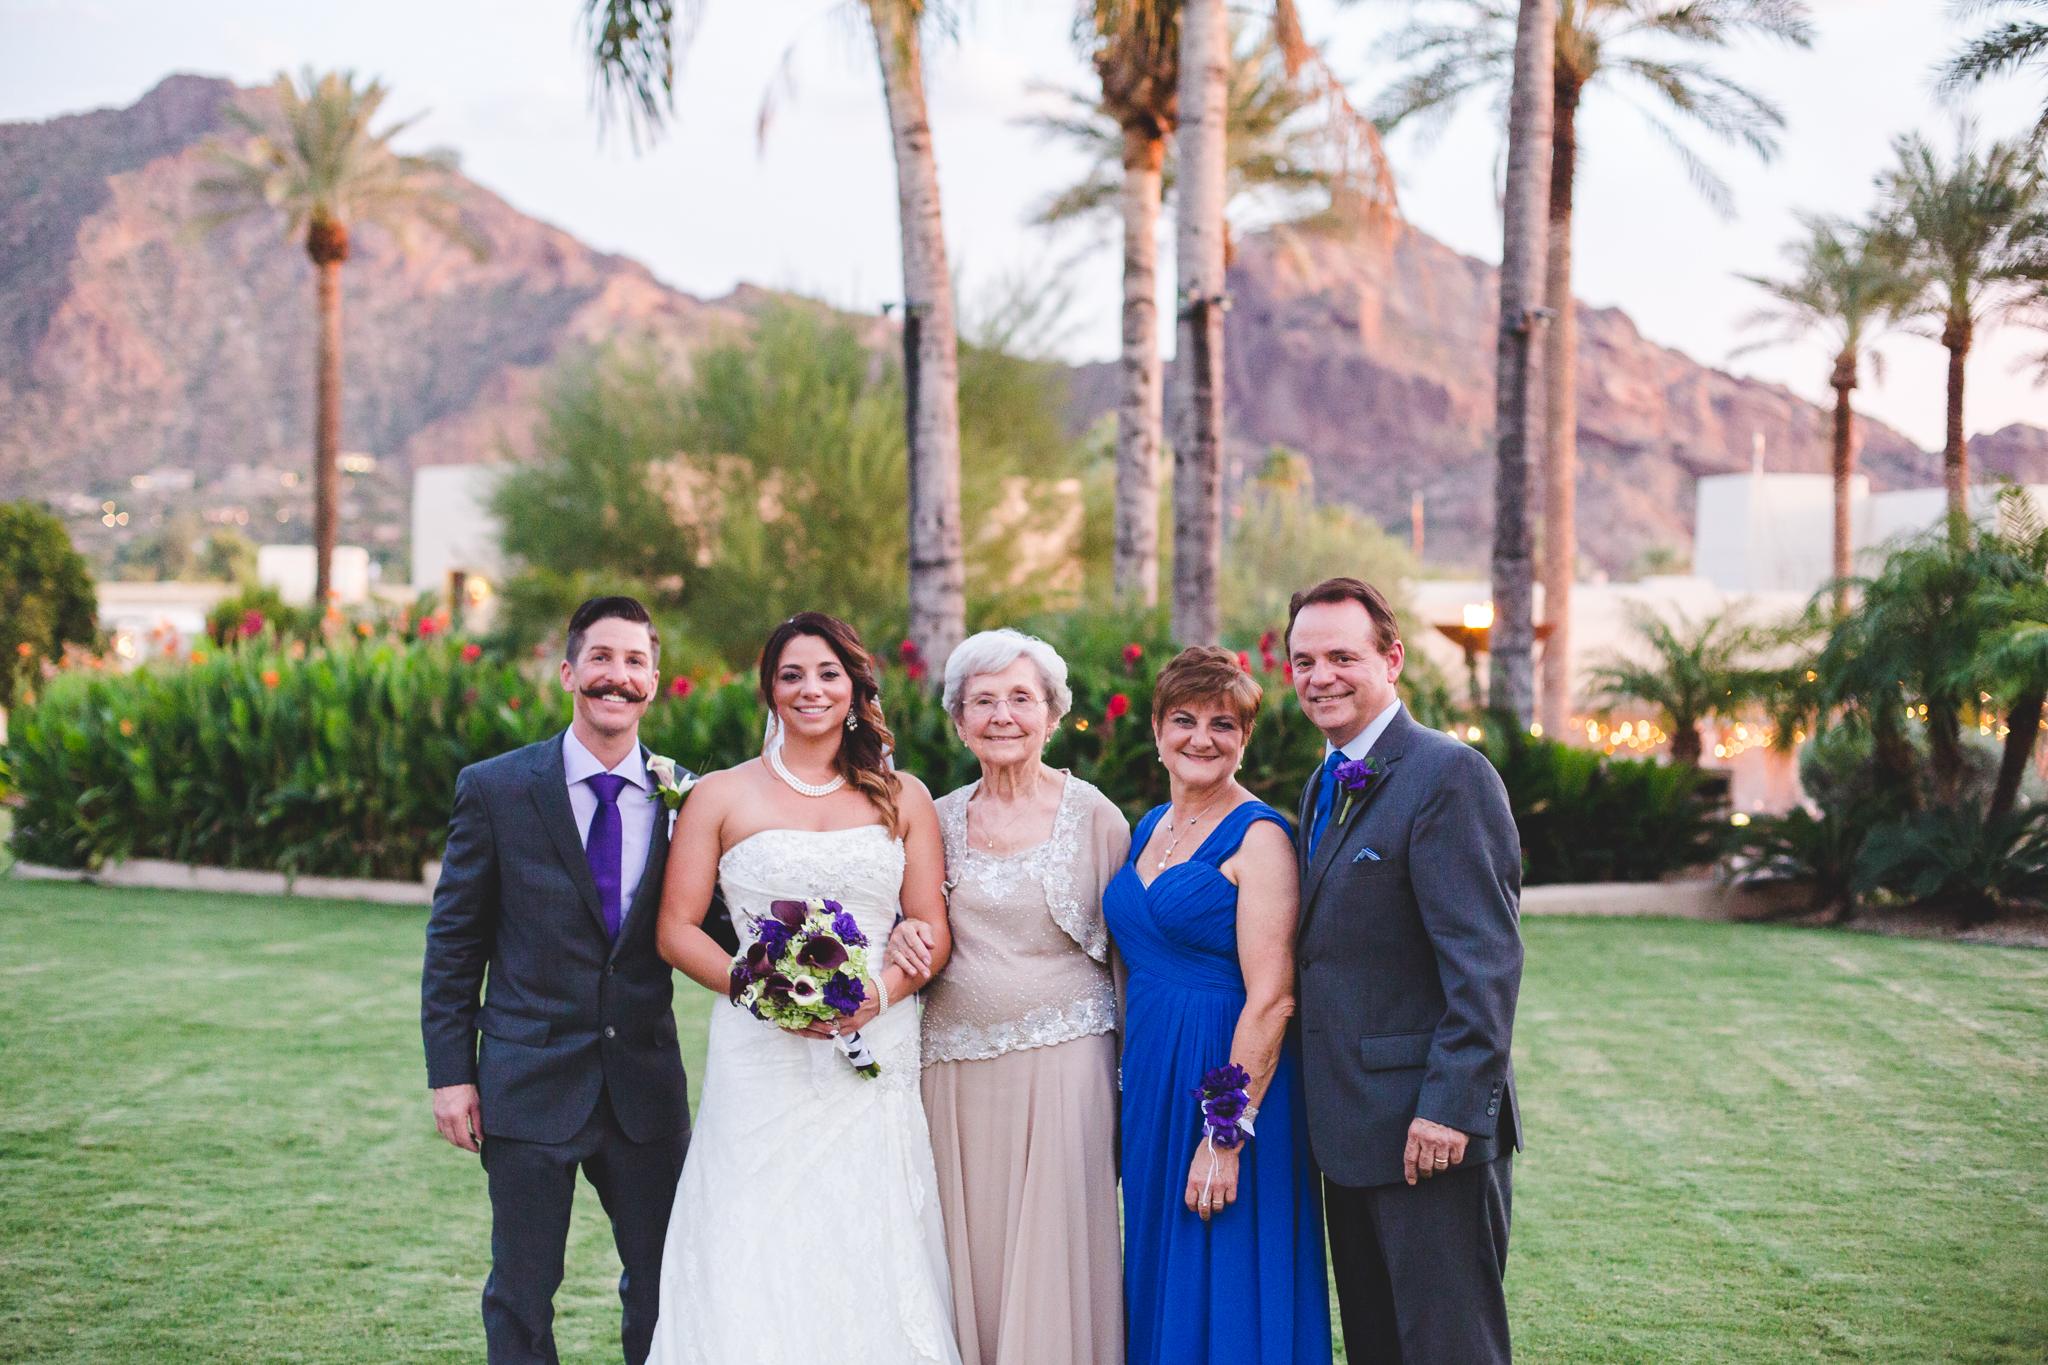 lori wedding family group photo